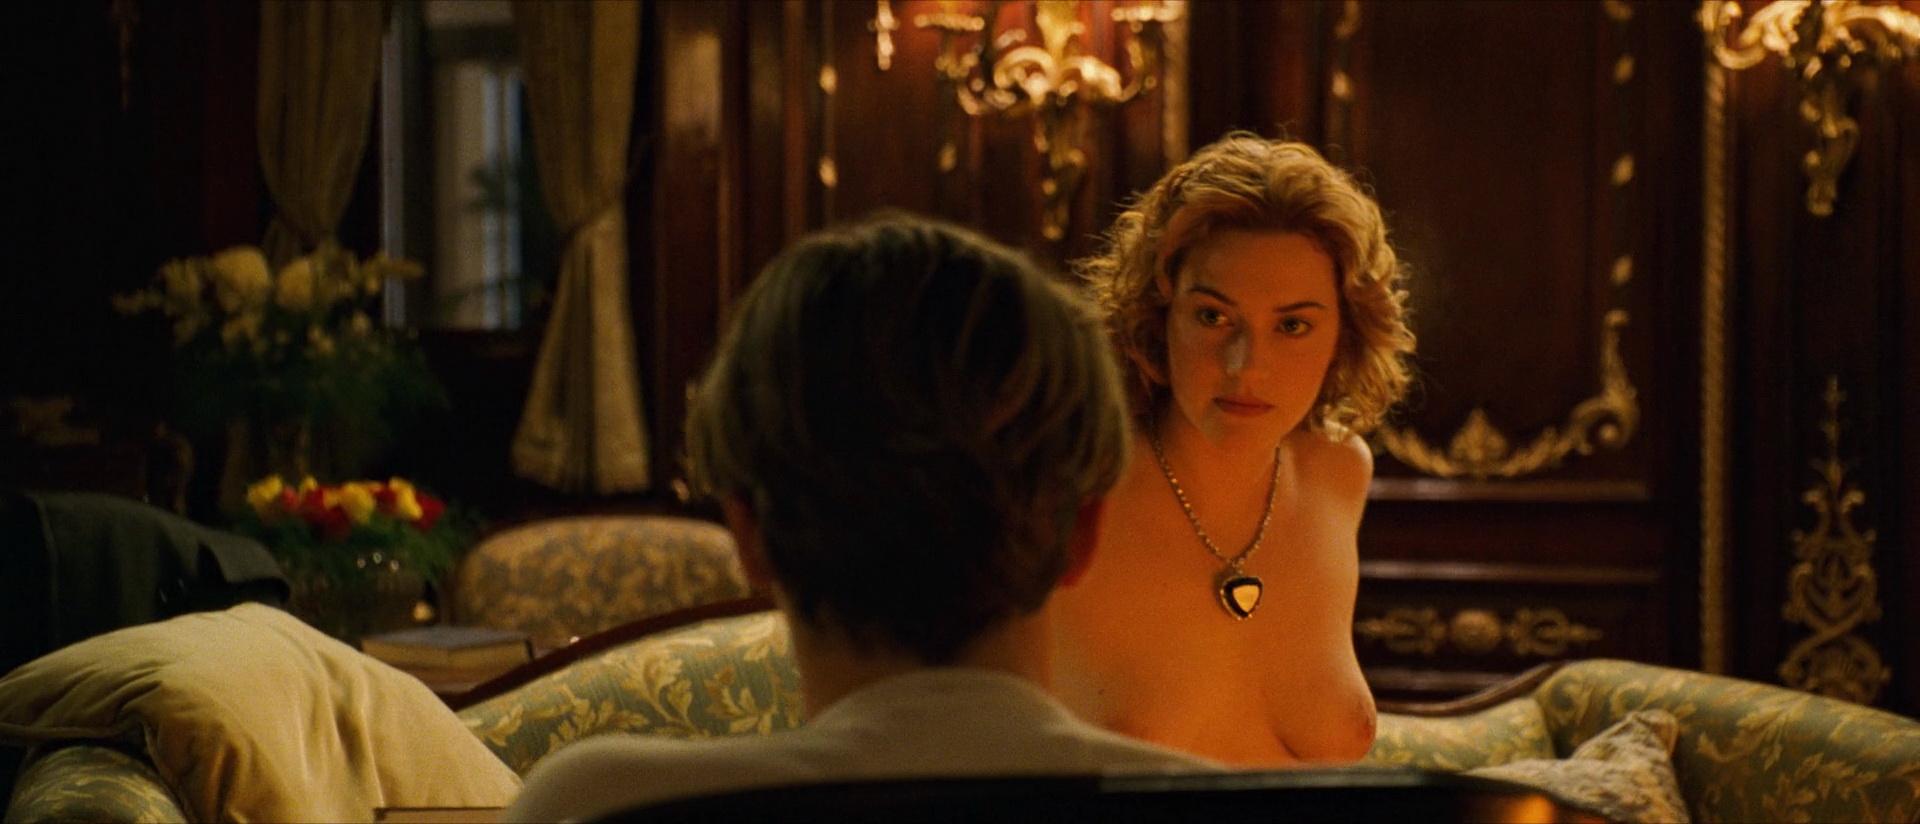 Kate winslet sex scene in titanic